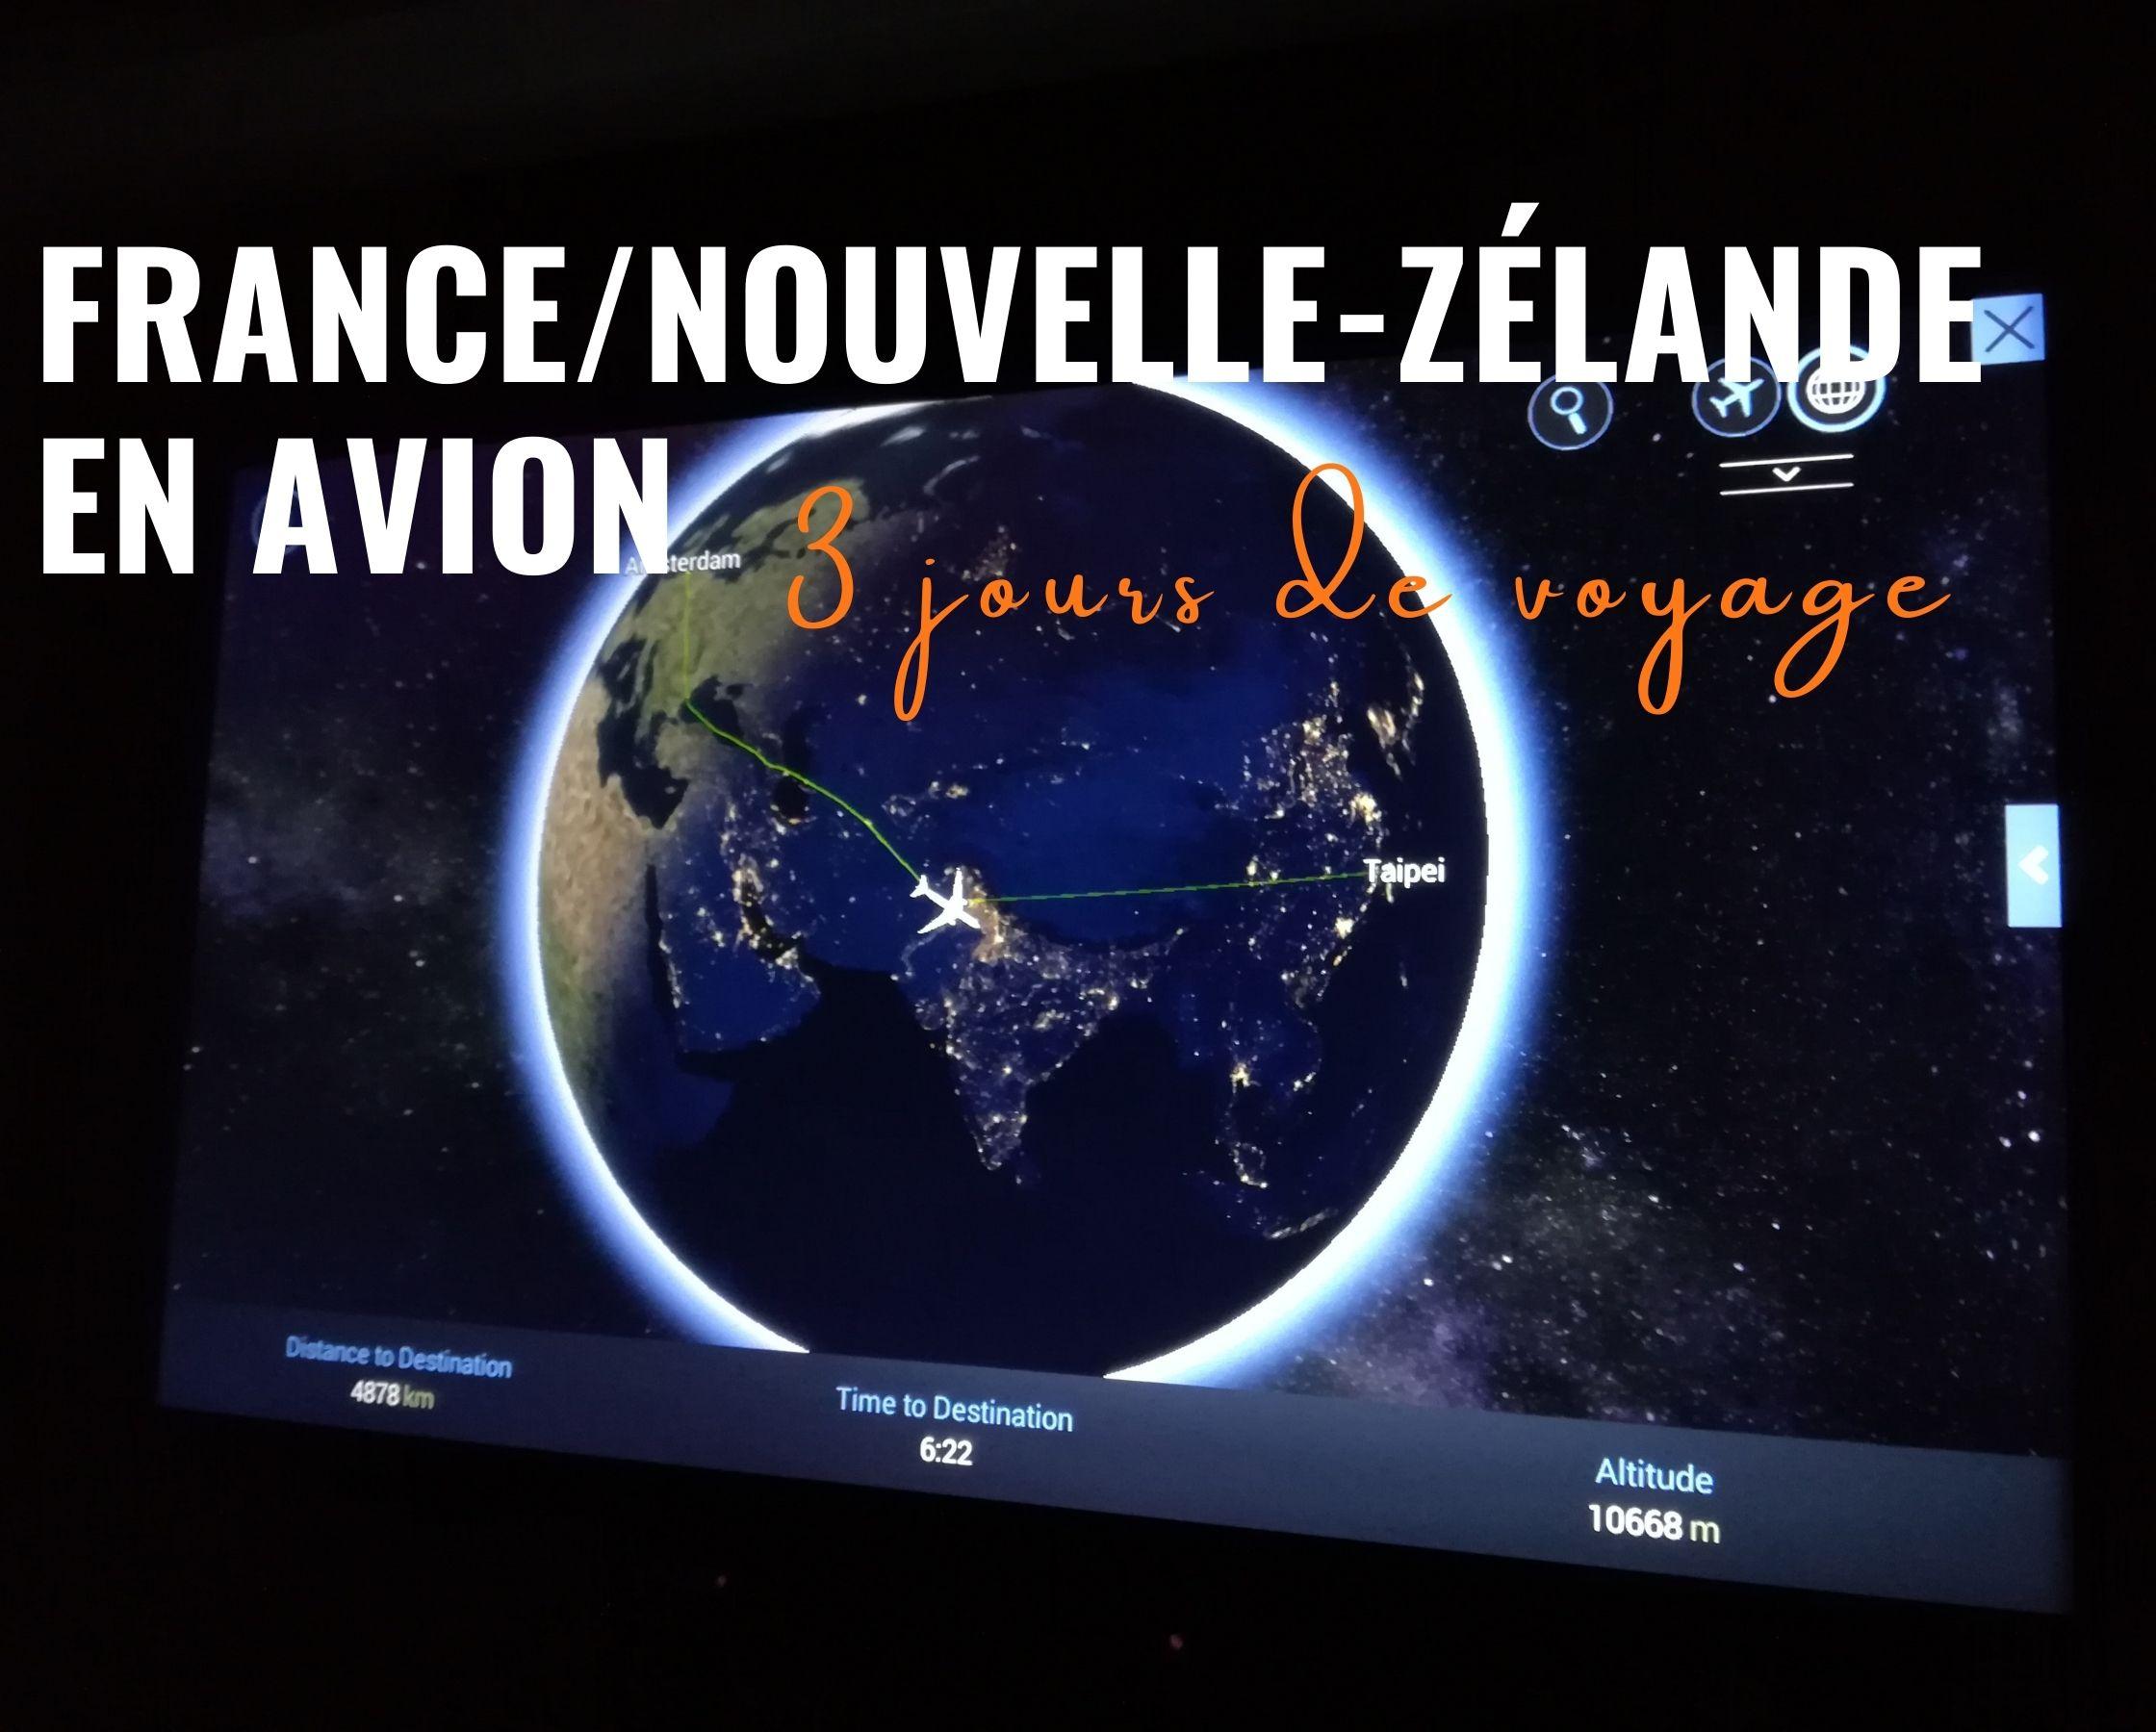 France-Nouvelle-Zélande en avion : 3 jours de voyage !